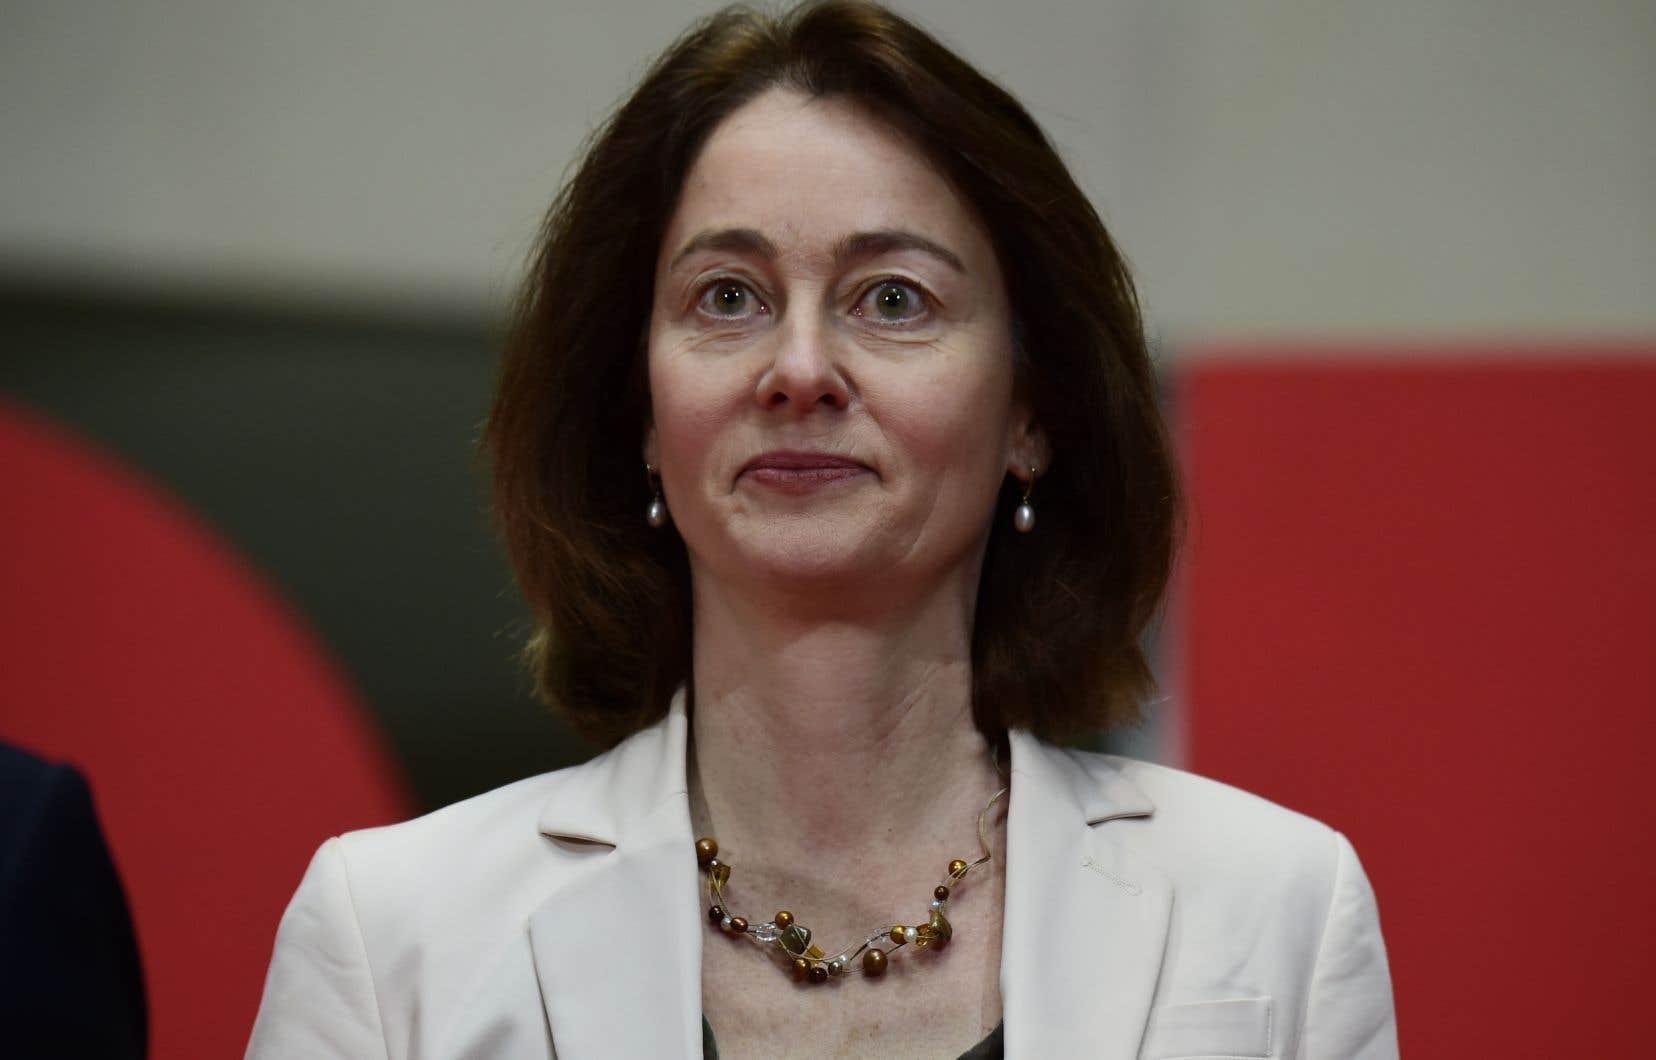 La ministre allemande de la Justice et de la Protection des consommateurs, Katarina Barley